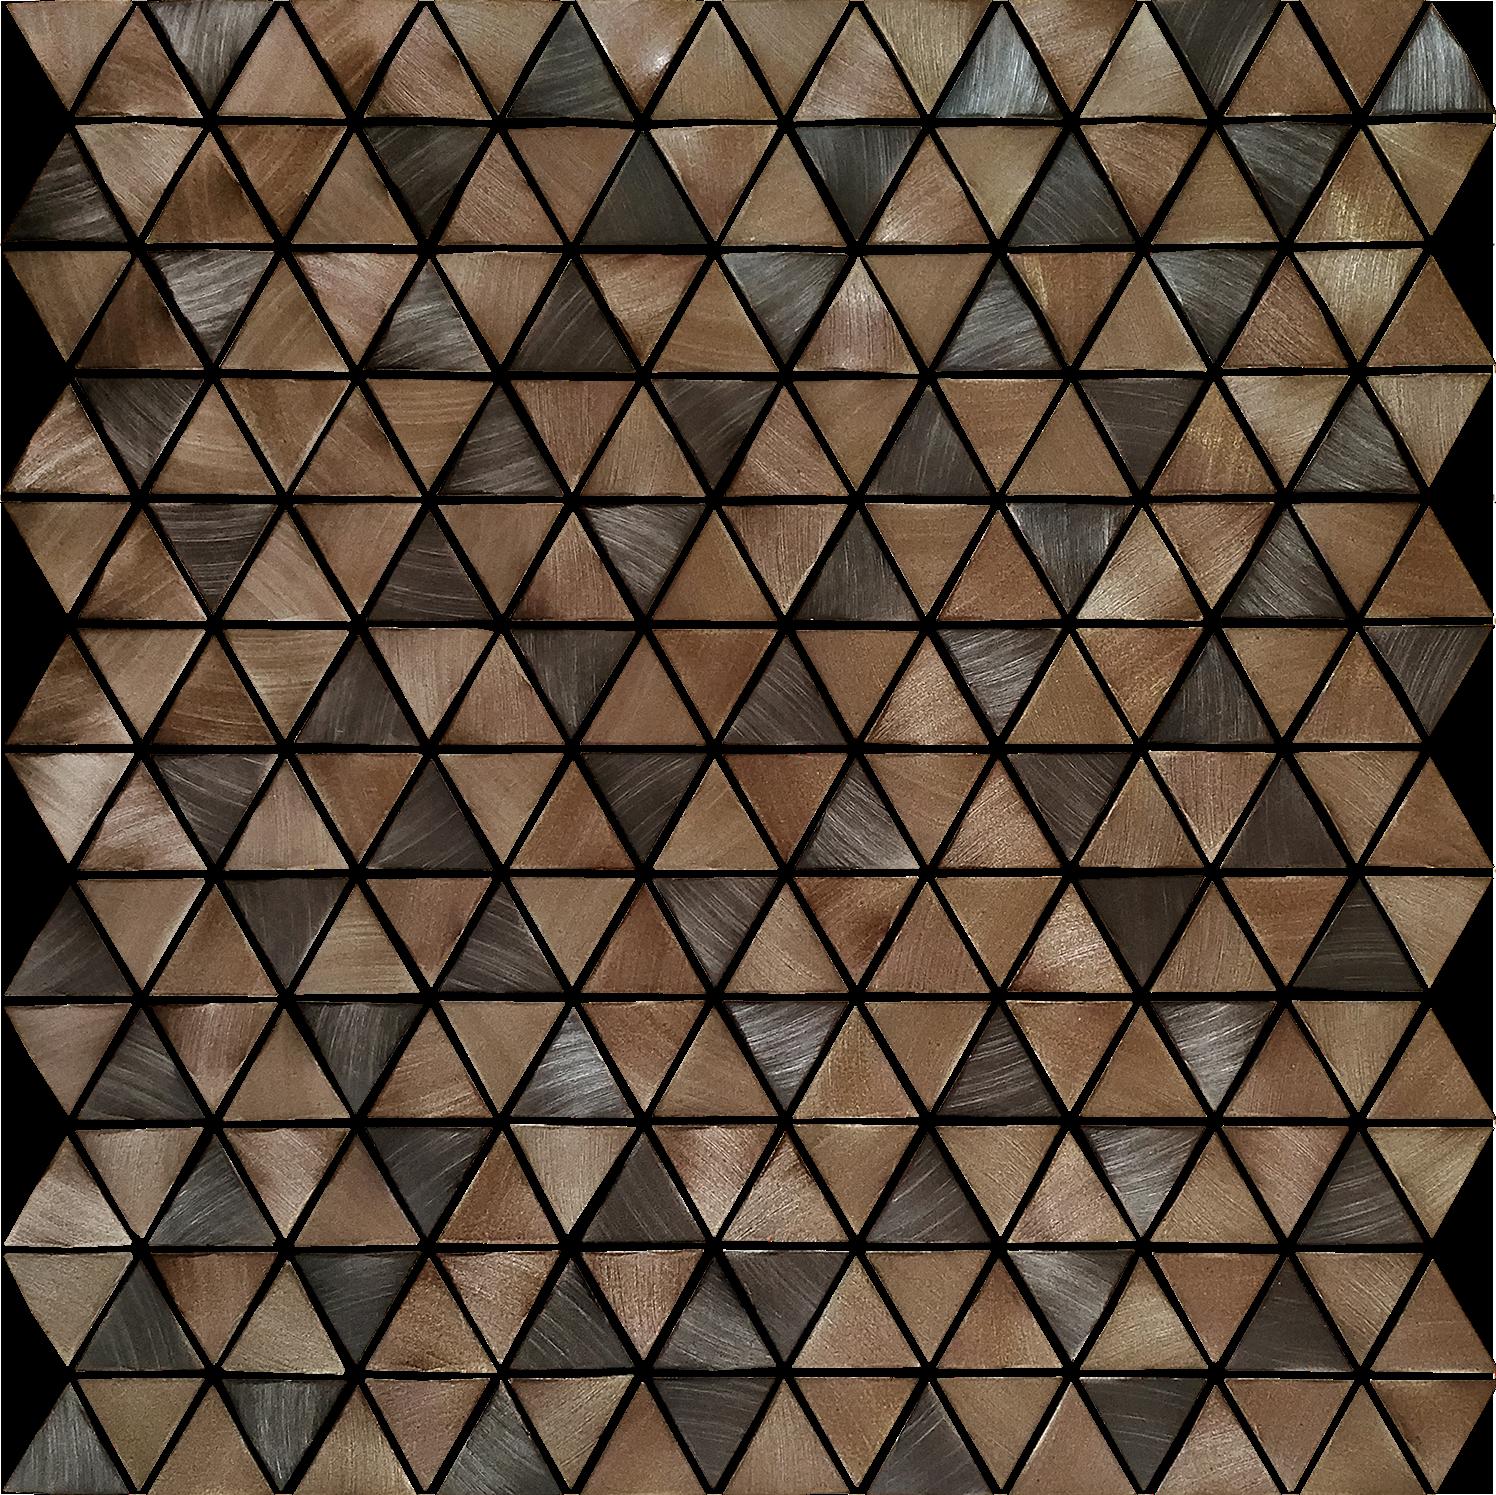 Dekorativní mozaika MOCAICOS